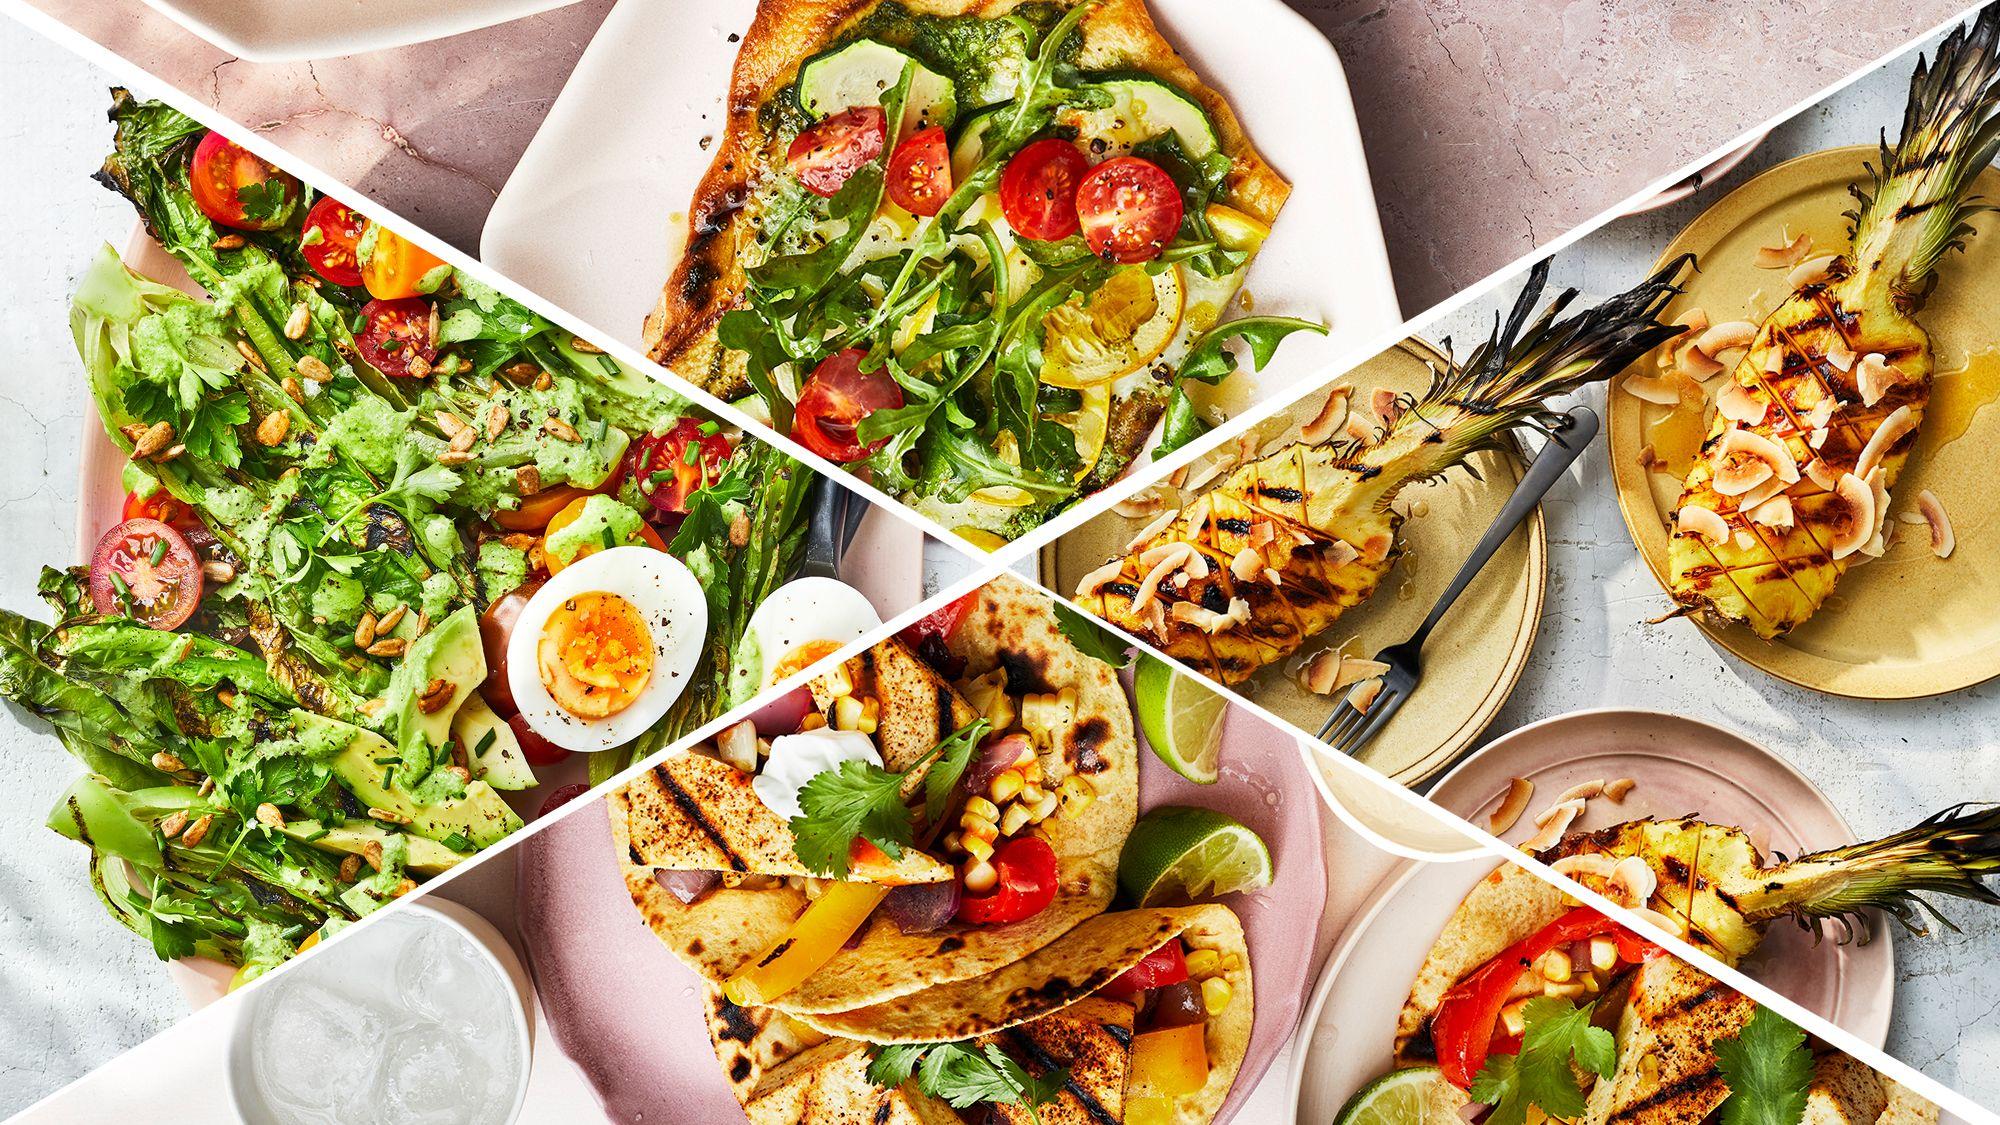 The Best Healthy Grilling Recipes -   18 healthy recipes Shrimp tofu ideas